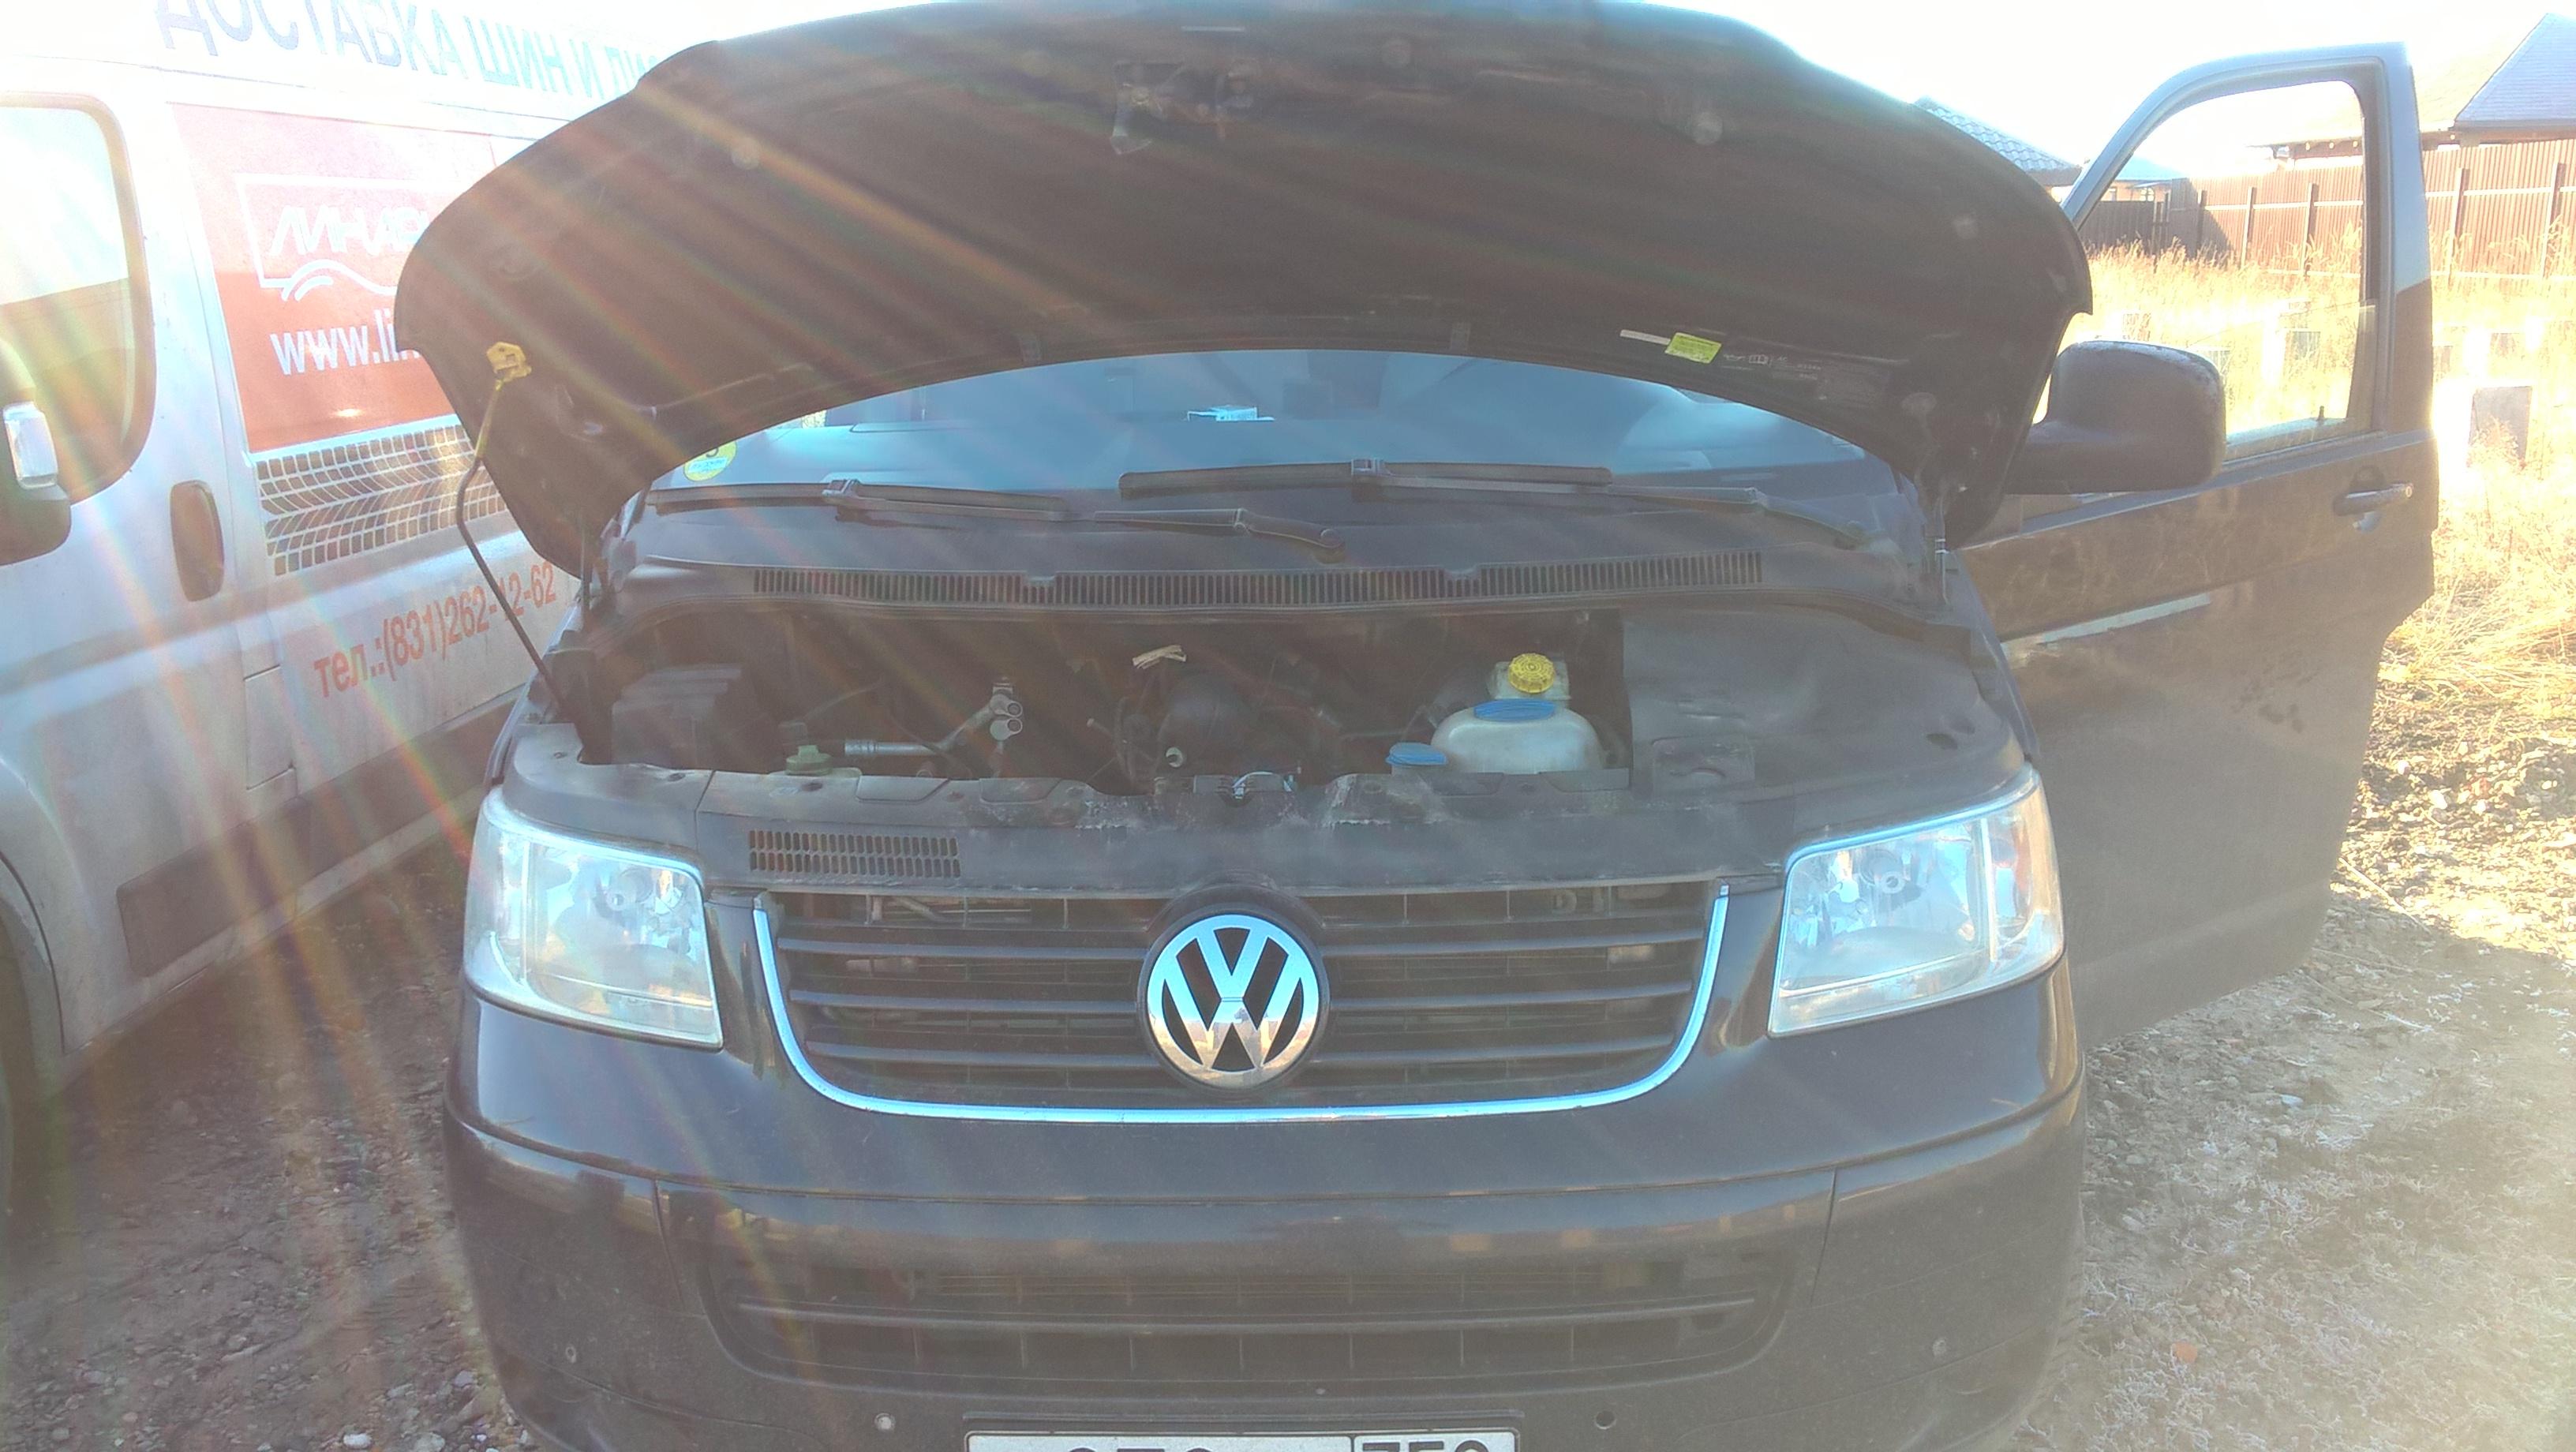 Удаление ЕГР и увеличение мощности VW Транспортер